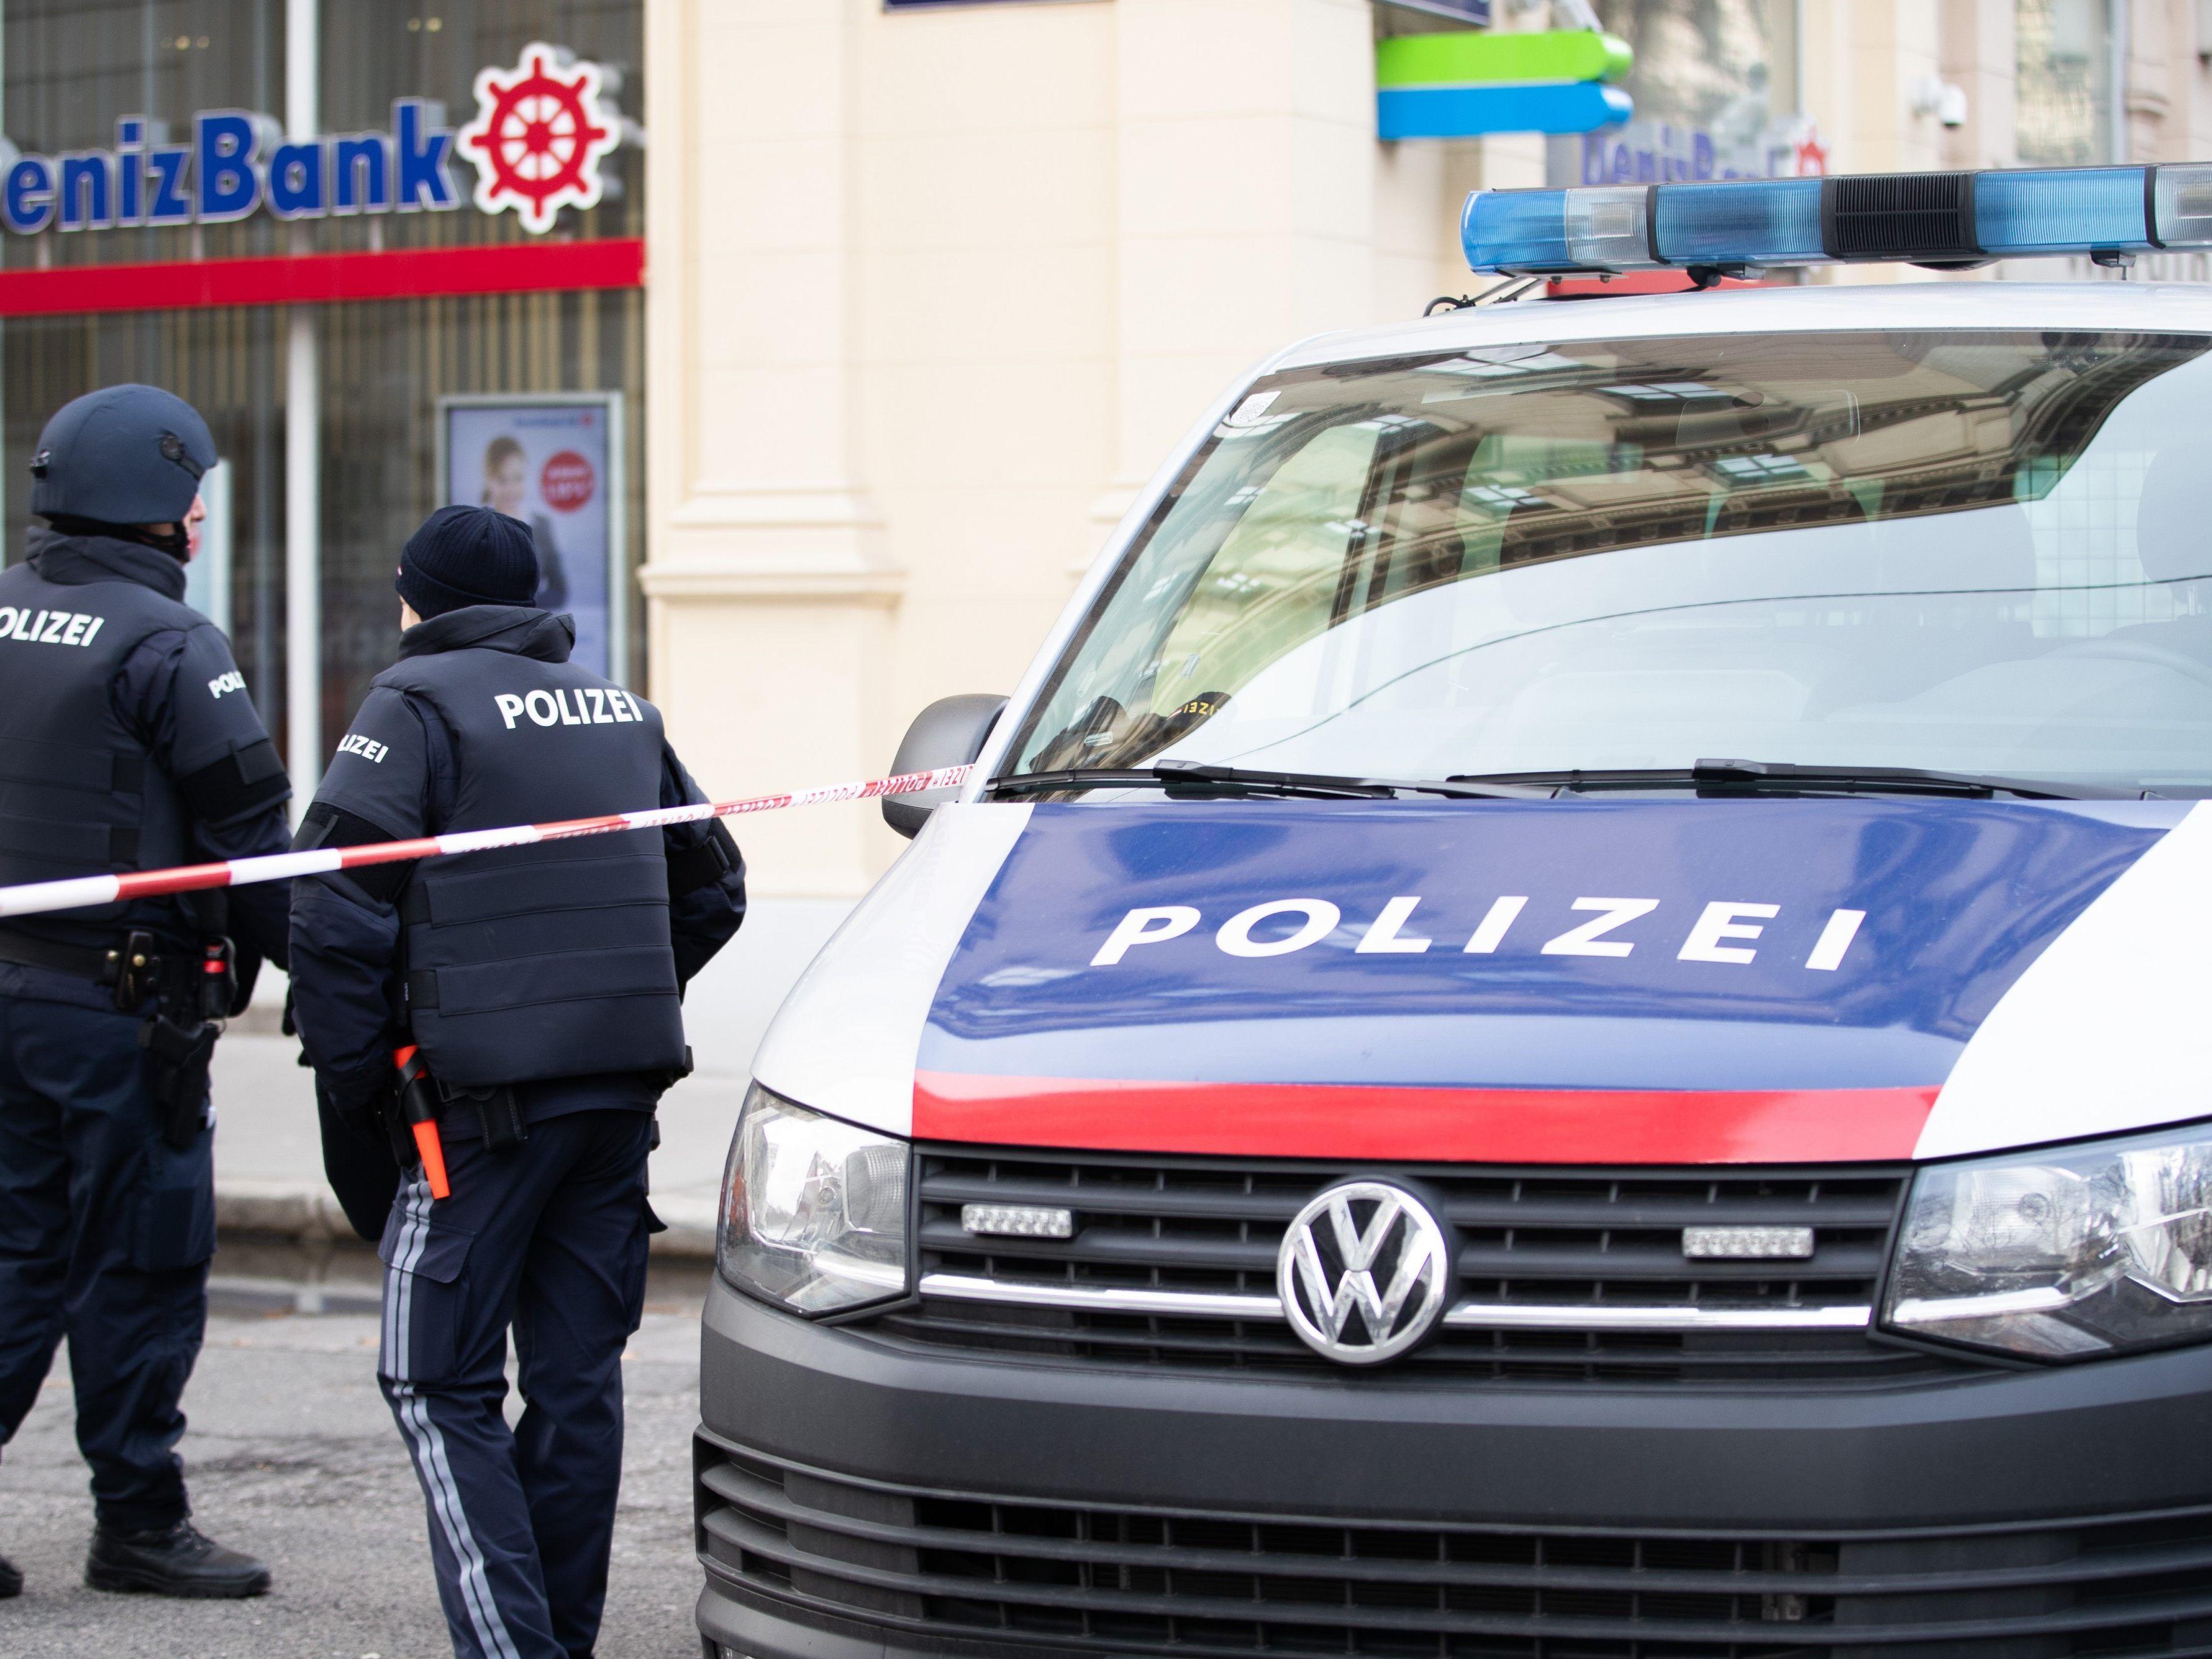 Schüsse Bei Banküberfall Am Wiener Kärntner Ring Security Schwer